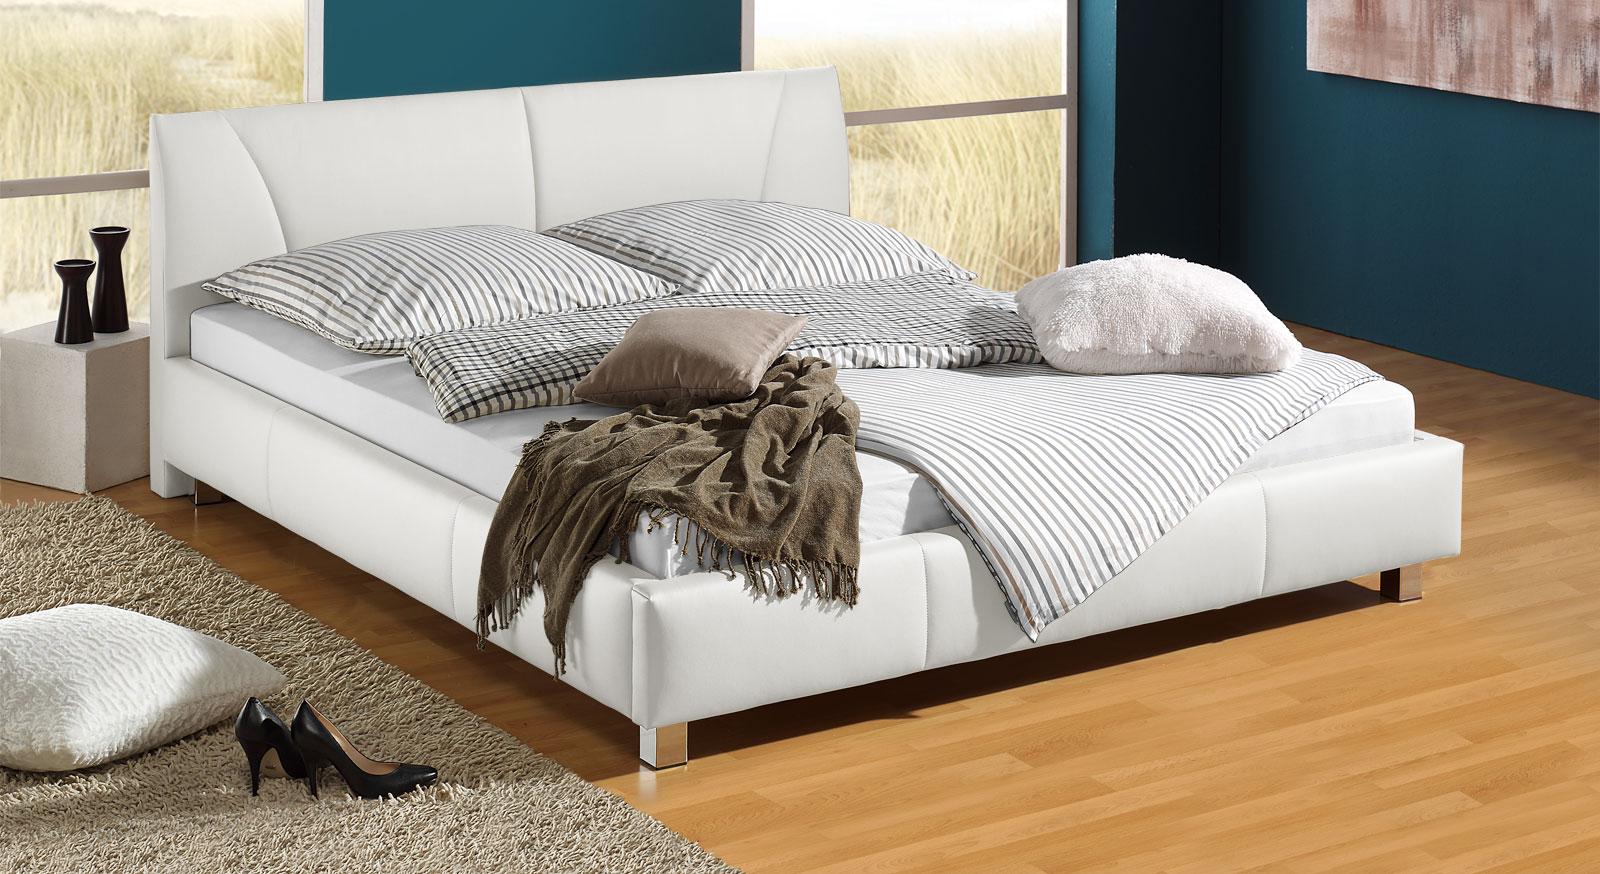 Bett 140x200 in Kunstleder